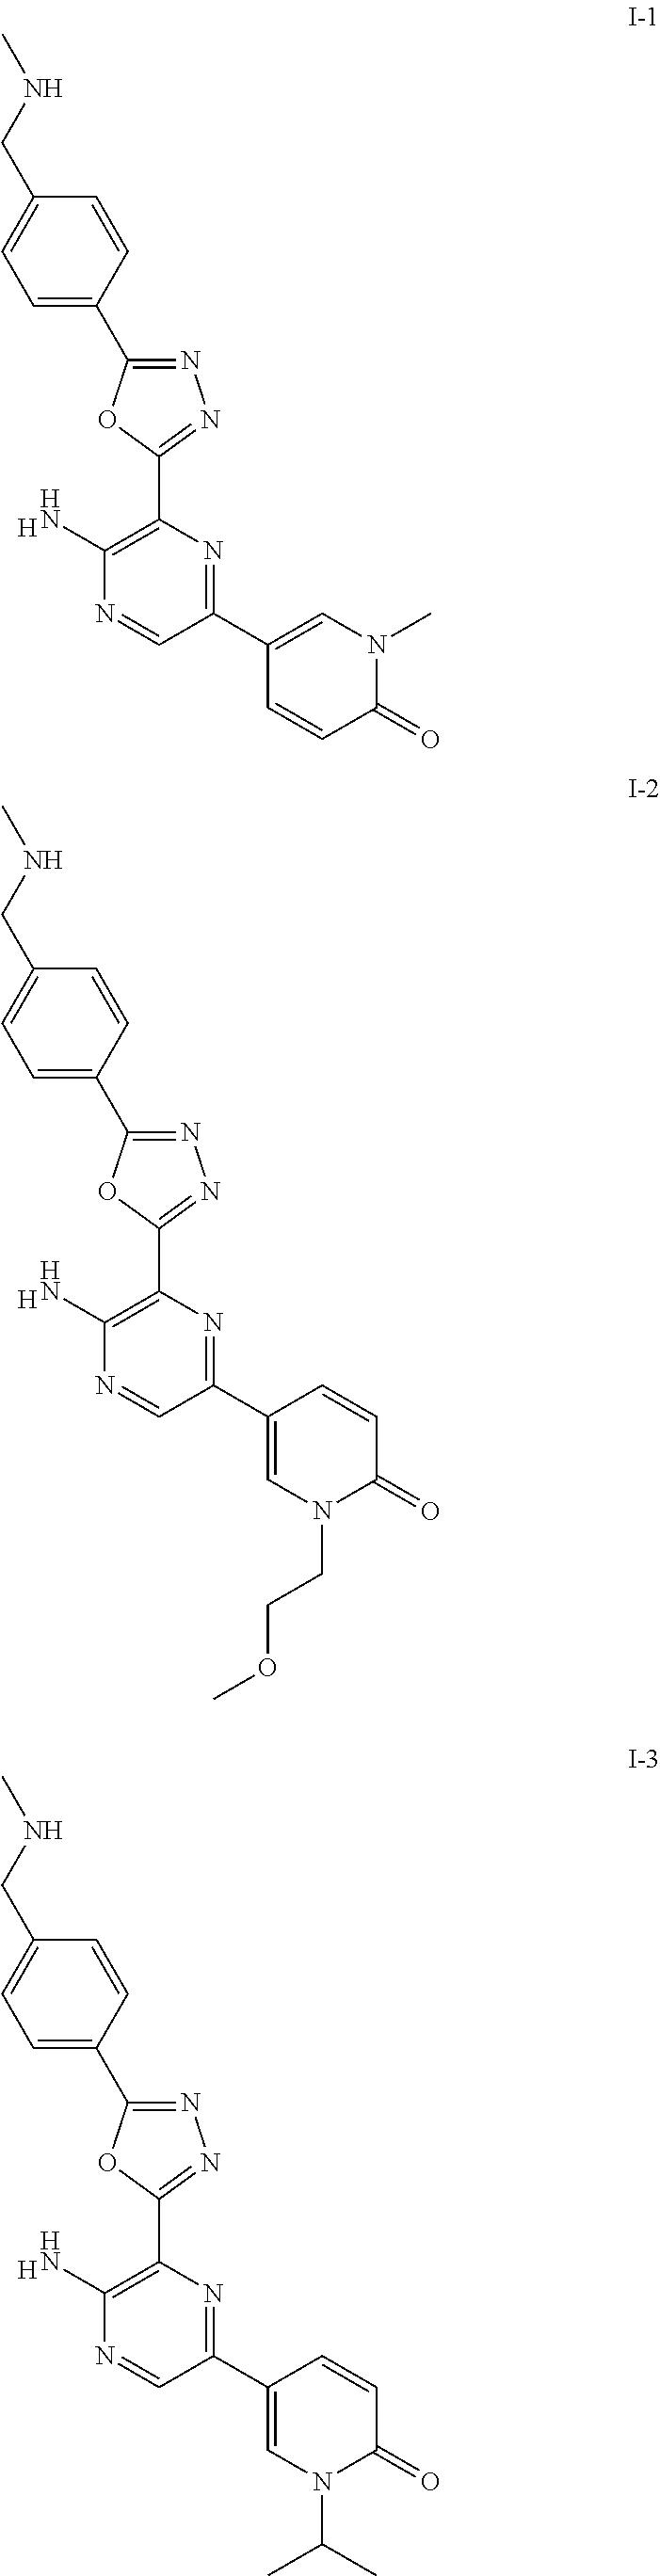 Figure US09630956-20170425-C00217